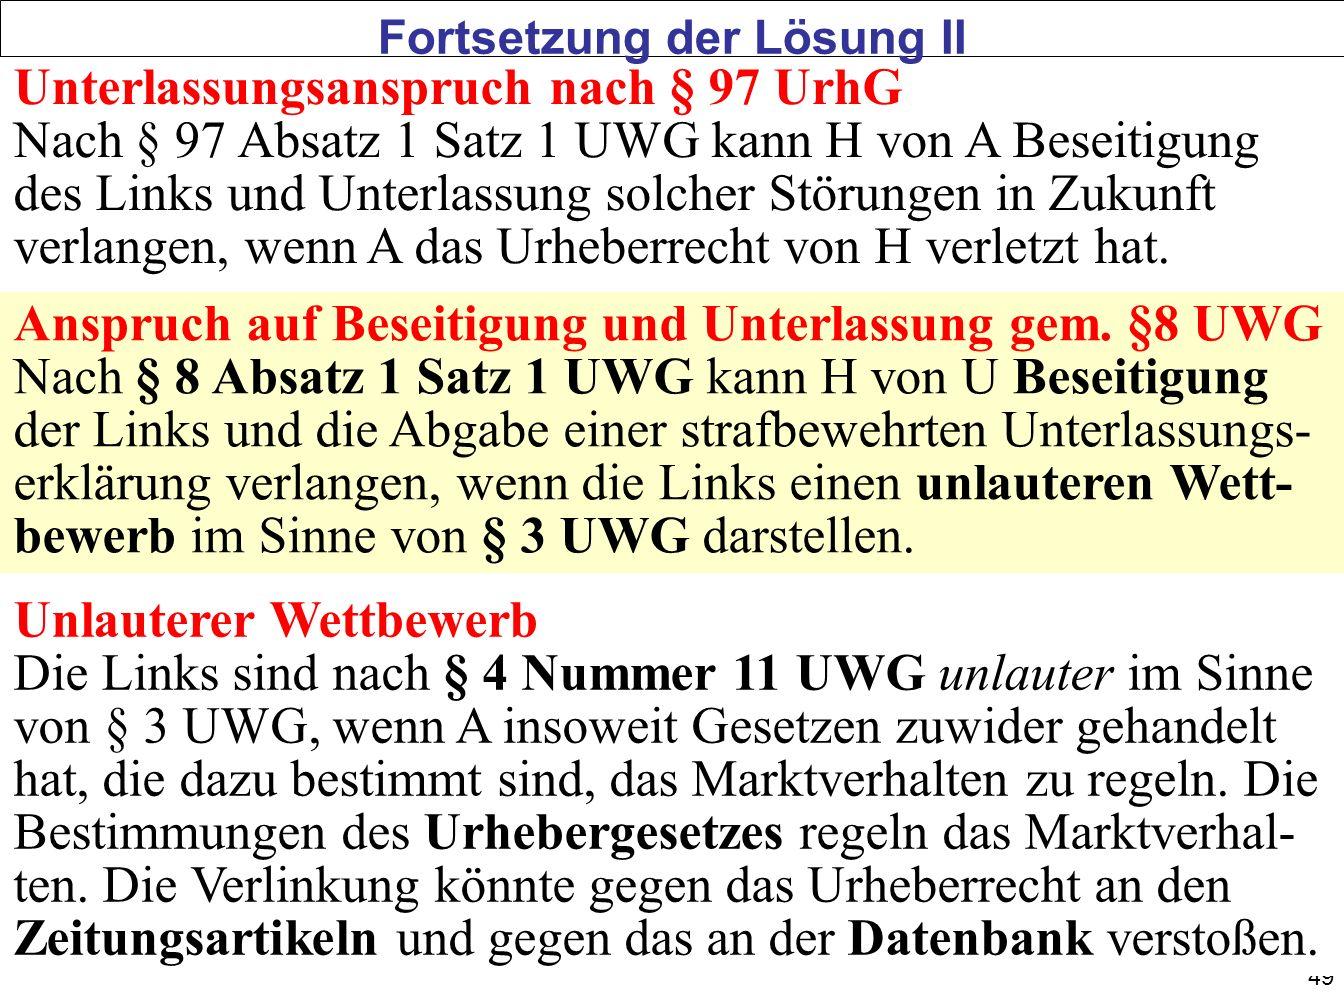 49 Unterlassungsanspruch nach § 97 UrhG Nach § 97 Absatz 1 Satz 1 UWG kann H von A Beseitigung des Links und Unterlassung solcher Störungen in Zukunft verlangen, wenn A das Urheberrecht von H verletzt hat.